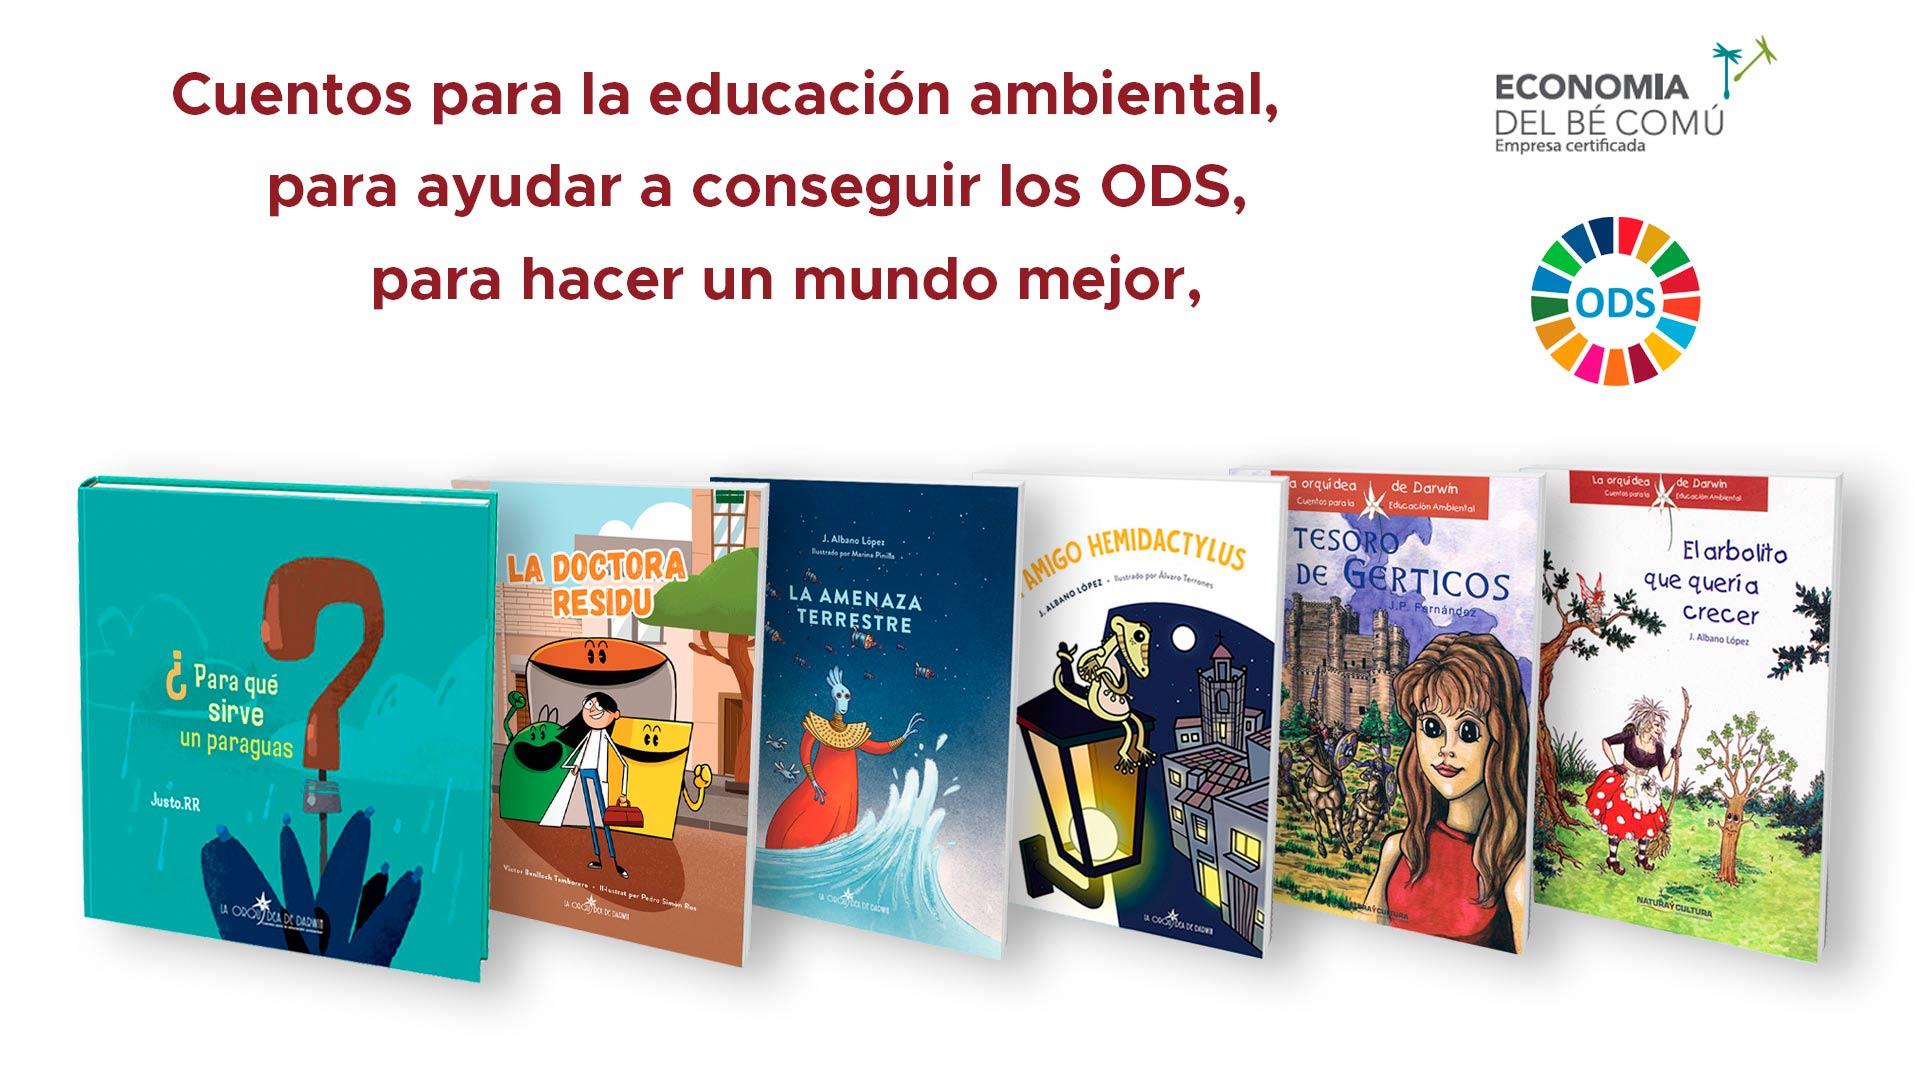 inicio cuentos educacion ambiental 3